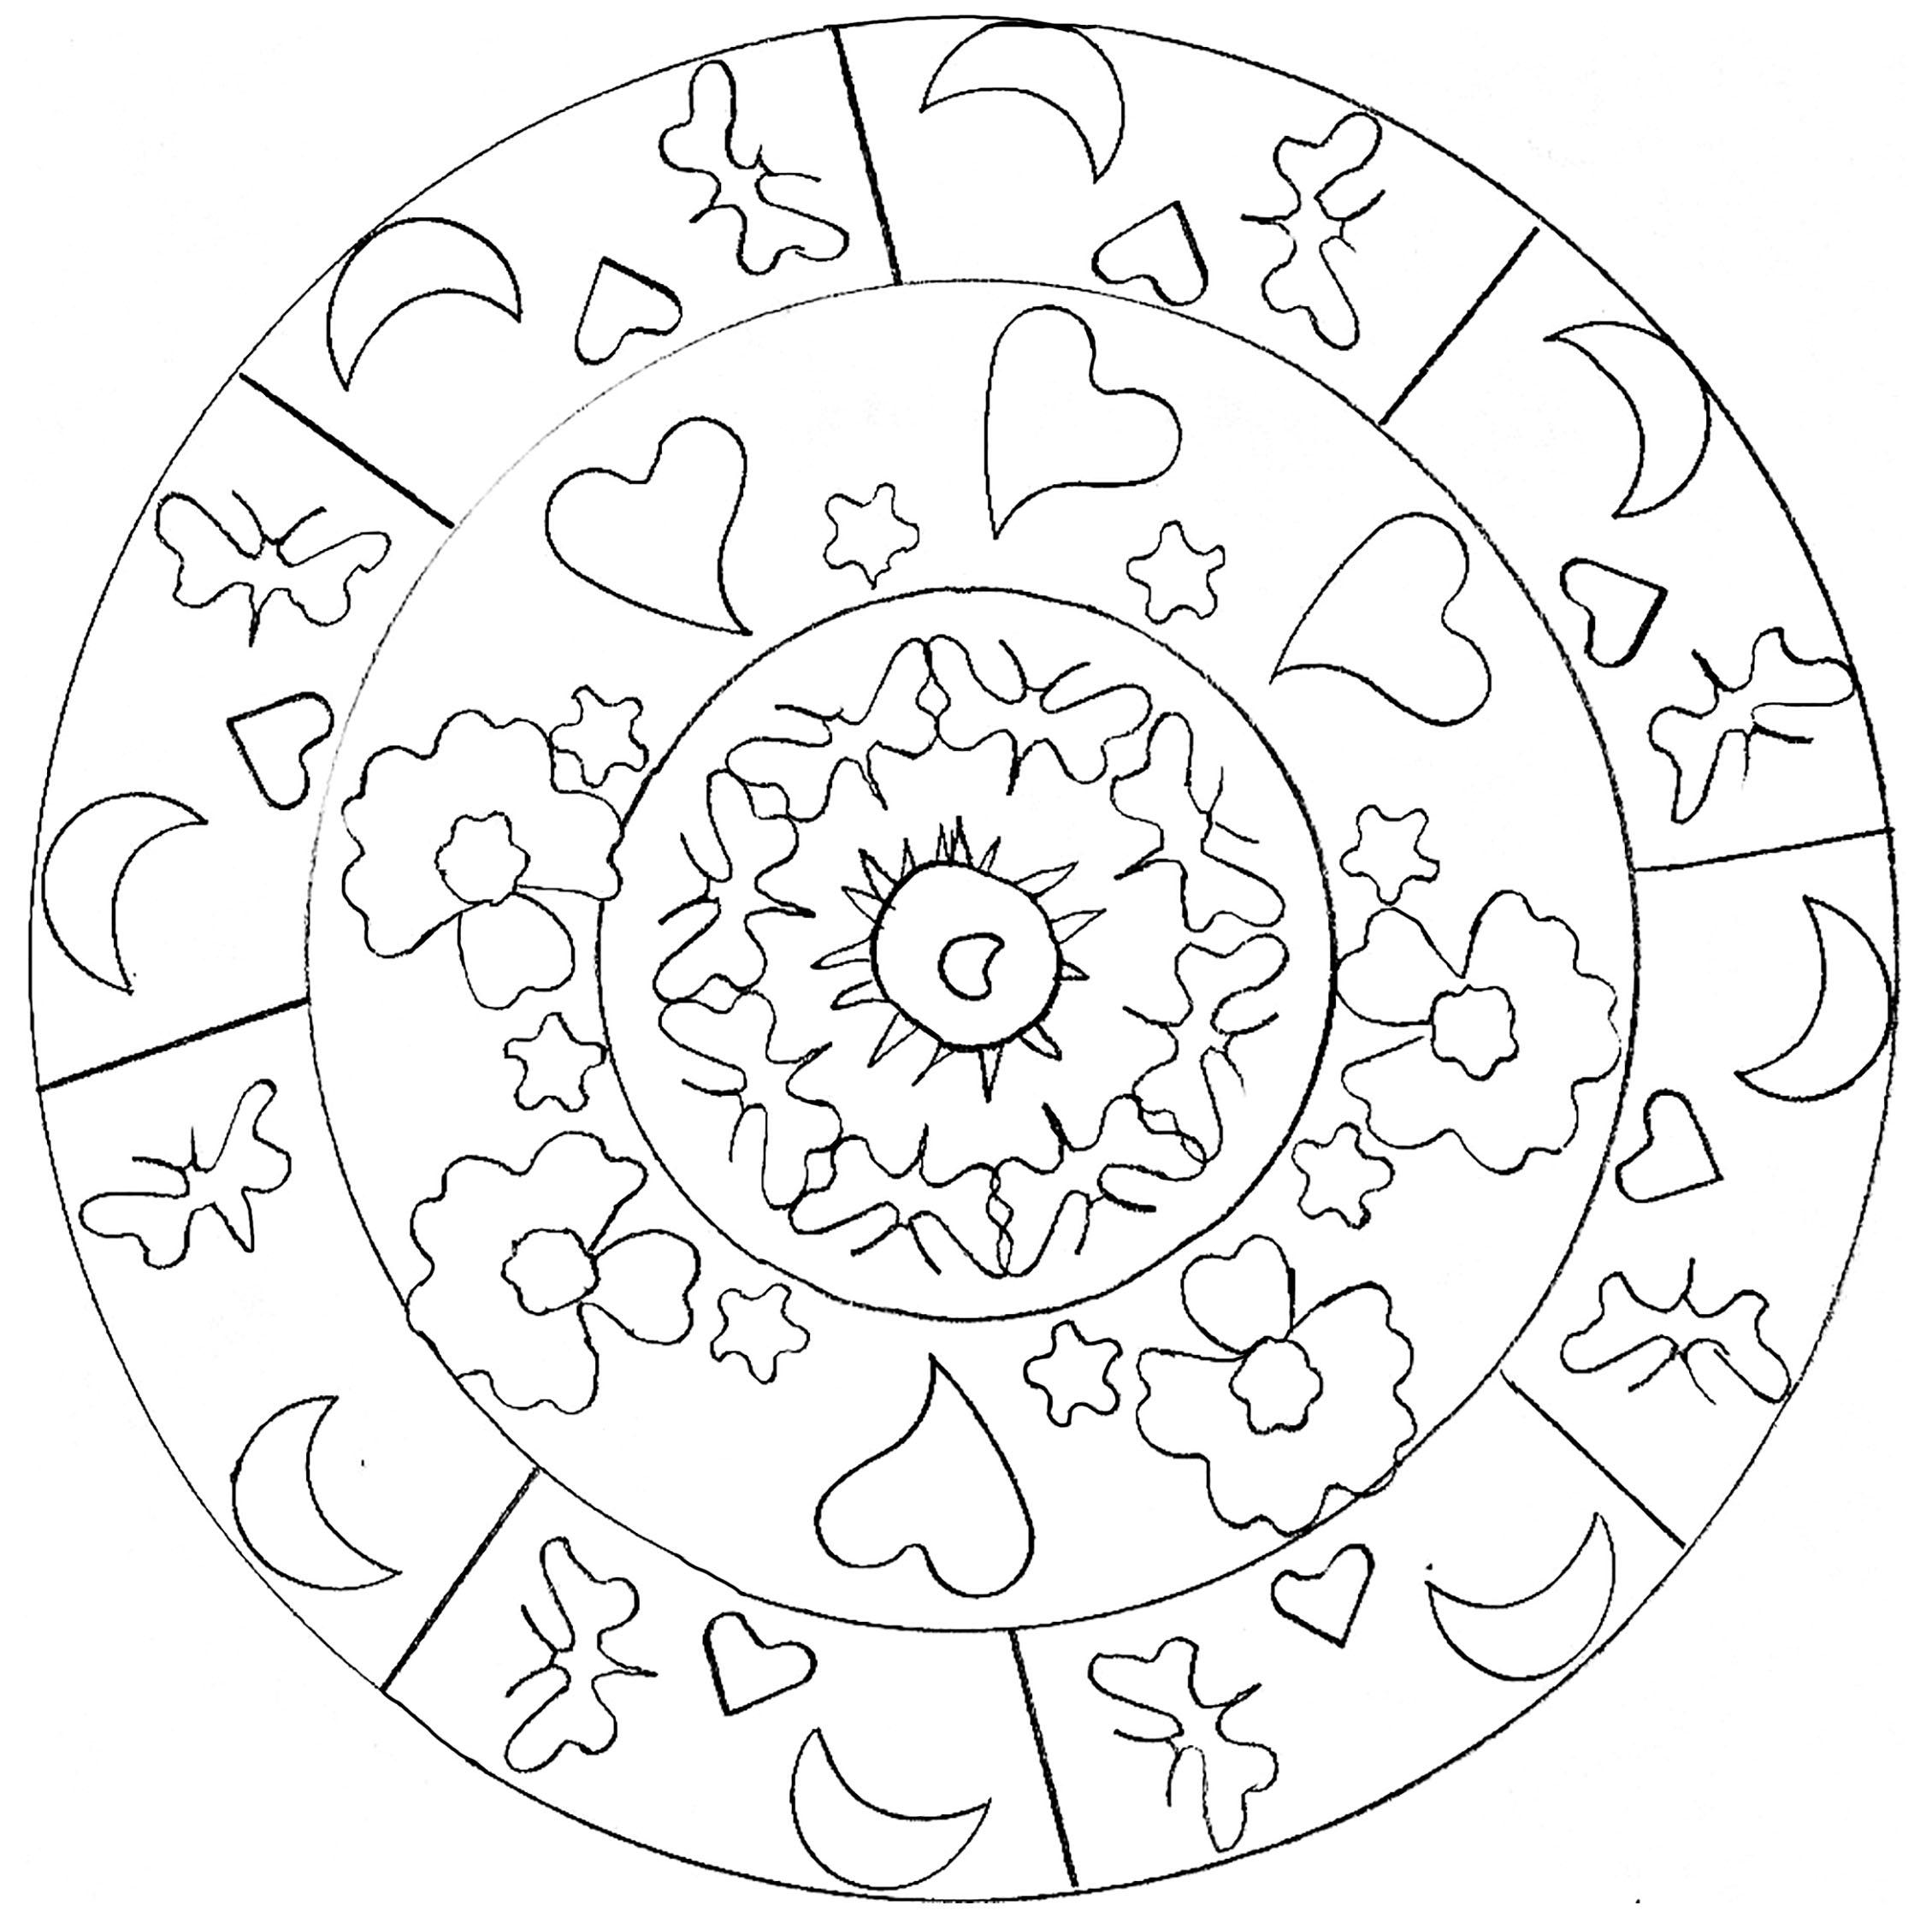 Mandala avec des coeurs et autres formes